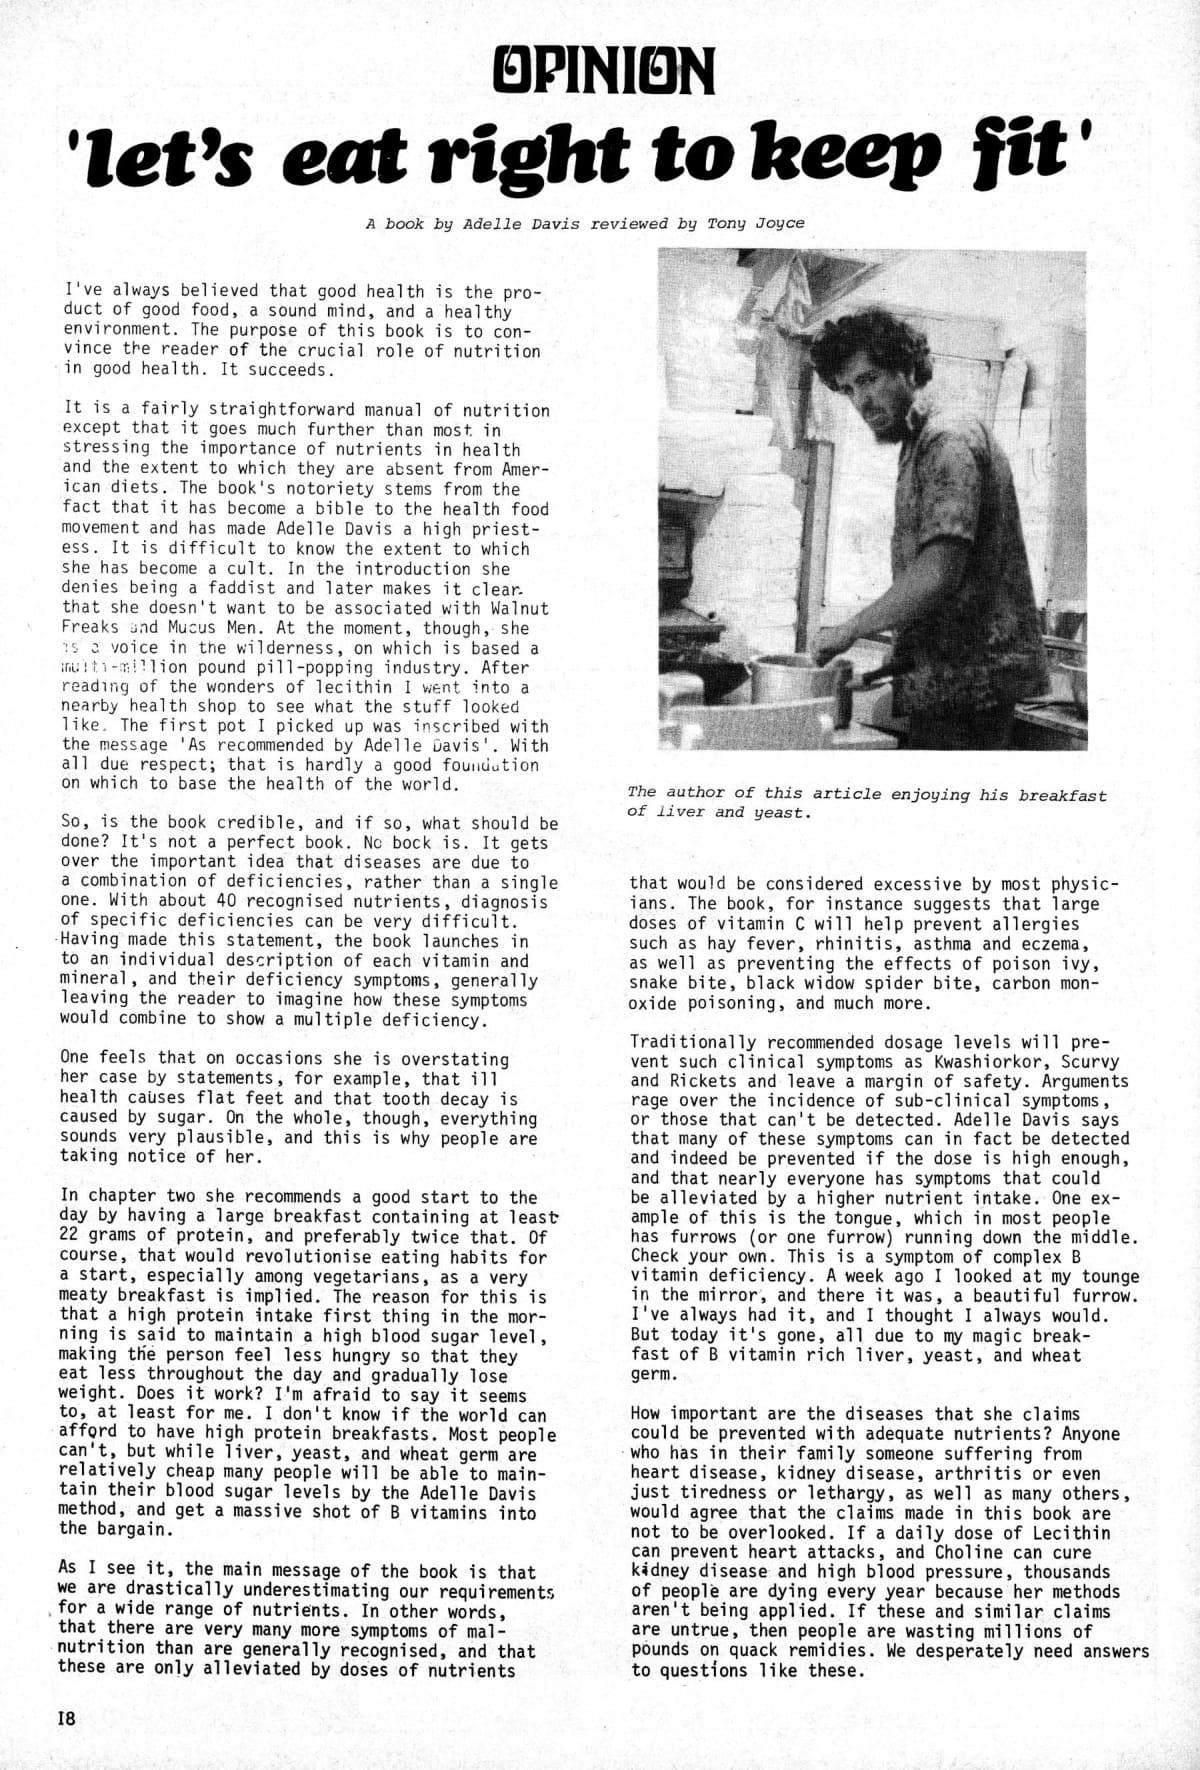 seed-v2-n7-july1973-18.jpg